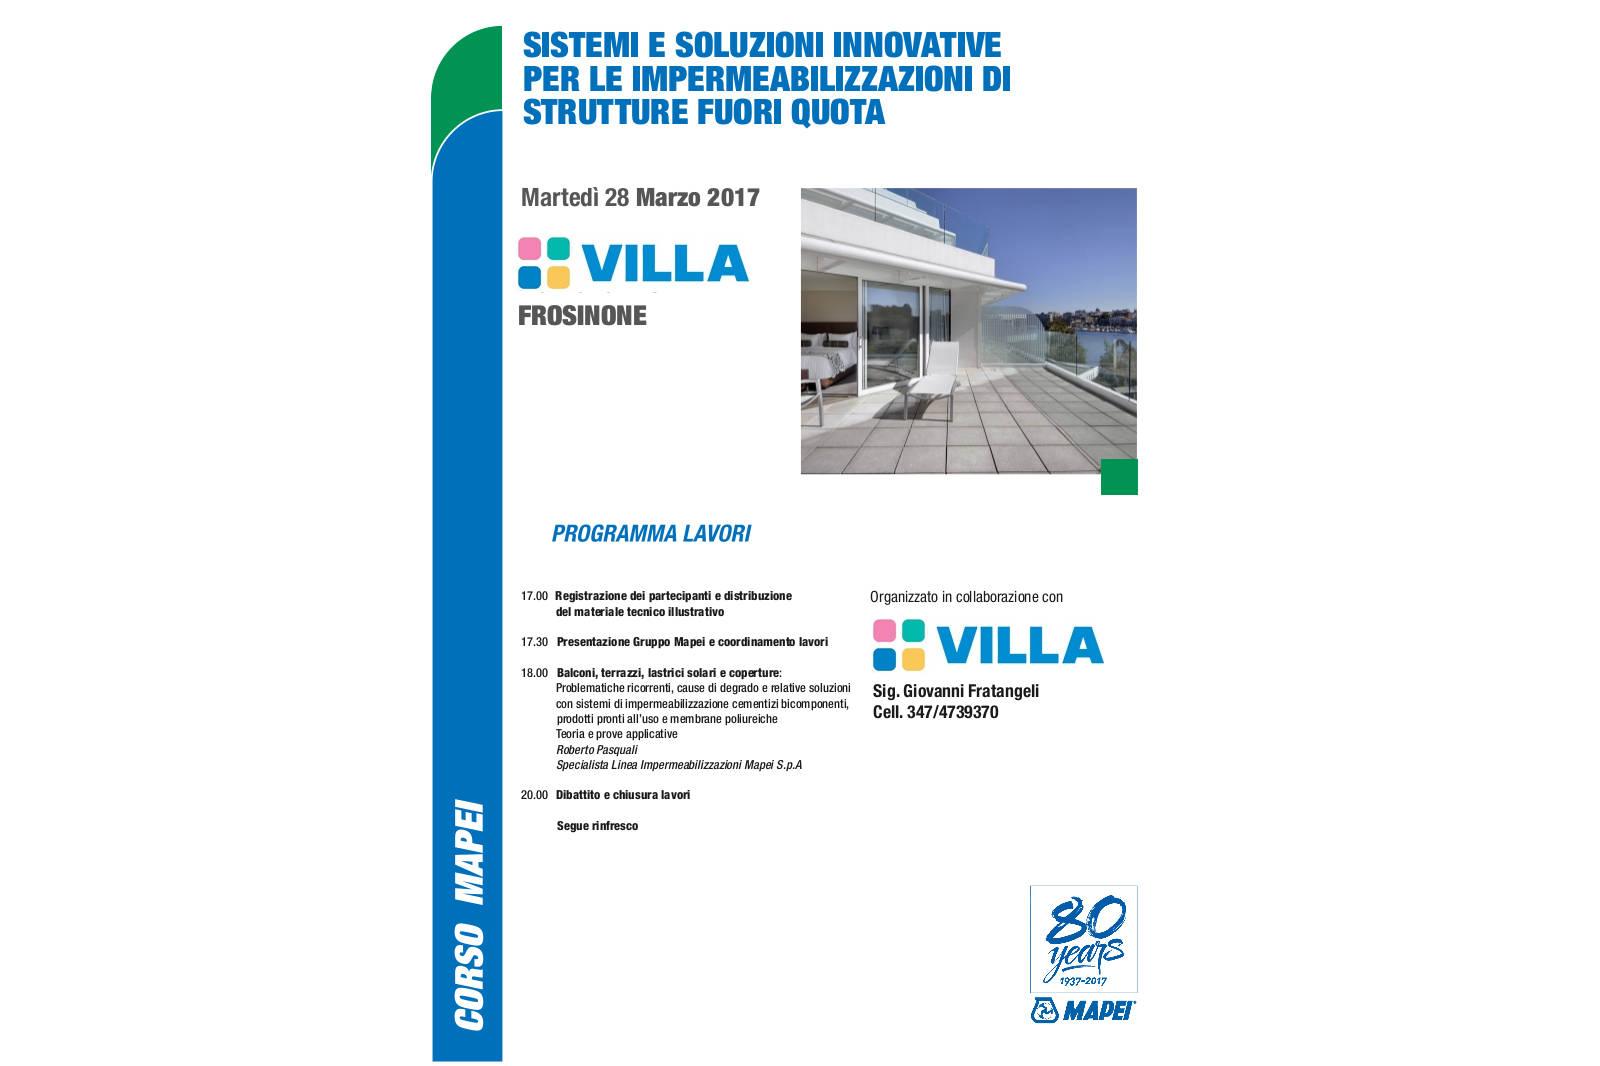 Locandina-Corso-Mapei-2017-presso-Villa-srl-Frosinone-.jpg